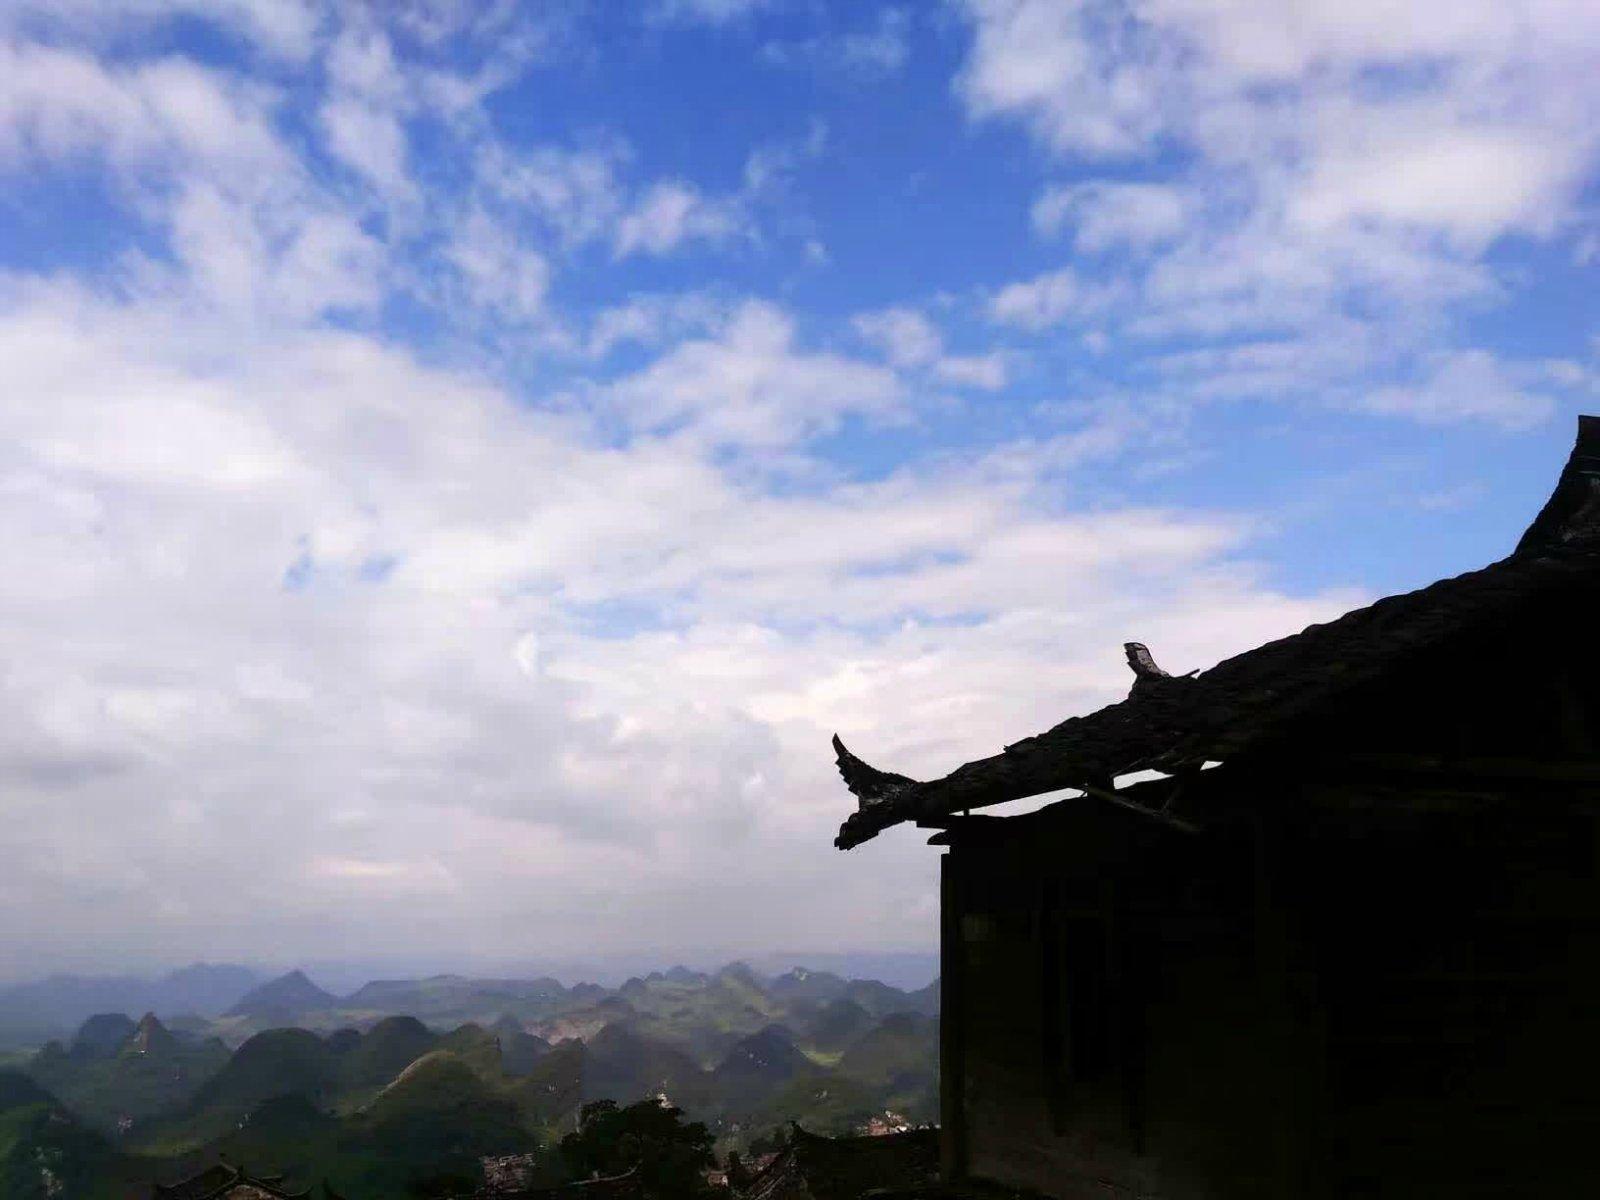 2018千年瑶寨游玩千年,连州连南攻略攻略,是一终南山自助游瑶寨图片